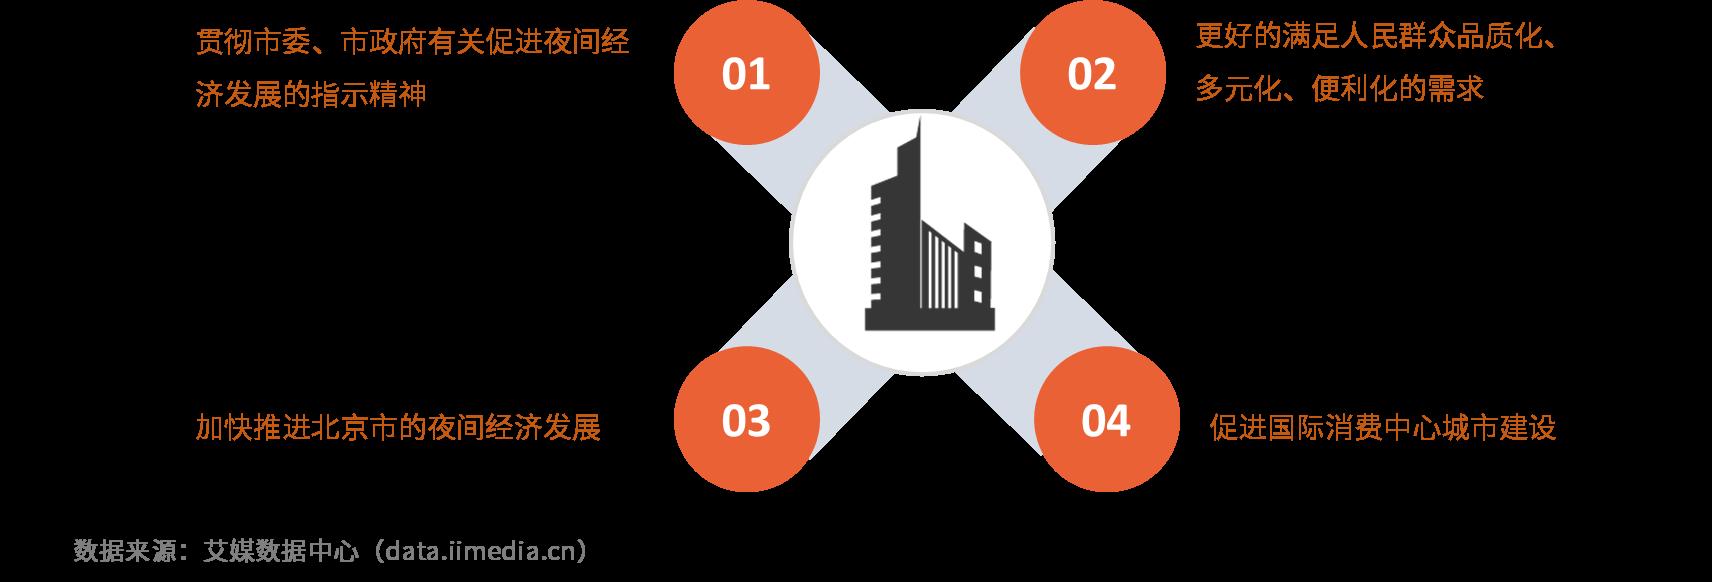 2019年中国典型城市夜间经济发展市场潜力及前景分析